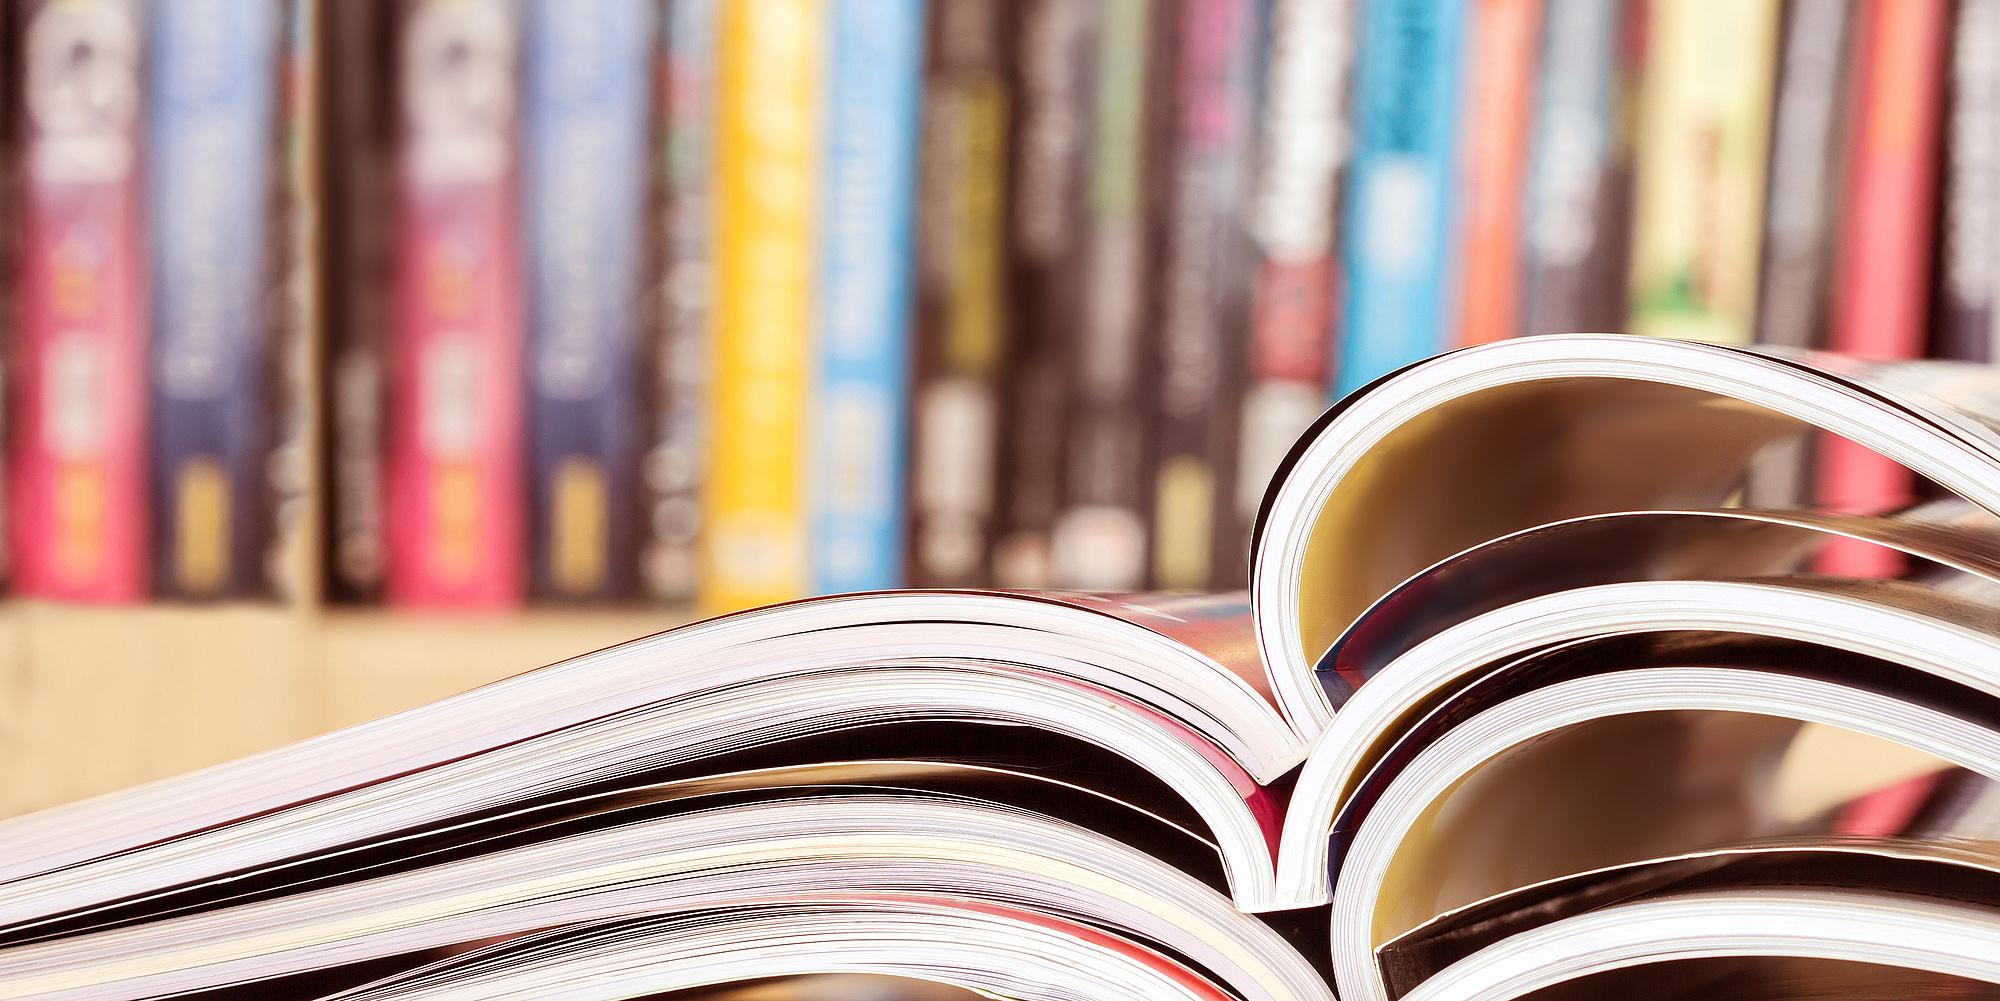 Aufgeschlagene Zeitschriften. Bildquelle: pinkomelet – Fotolia.com